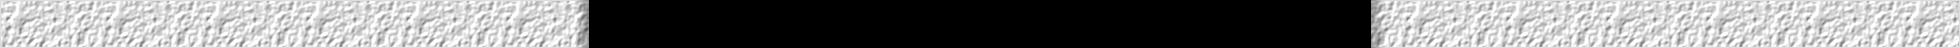 bg-shadow780-1.png